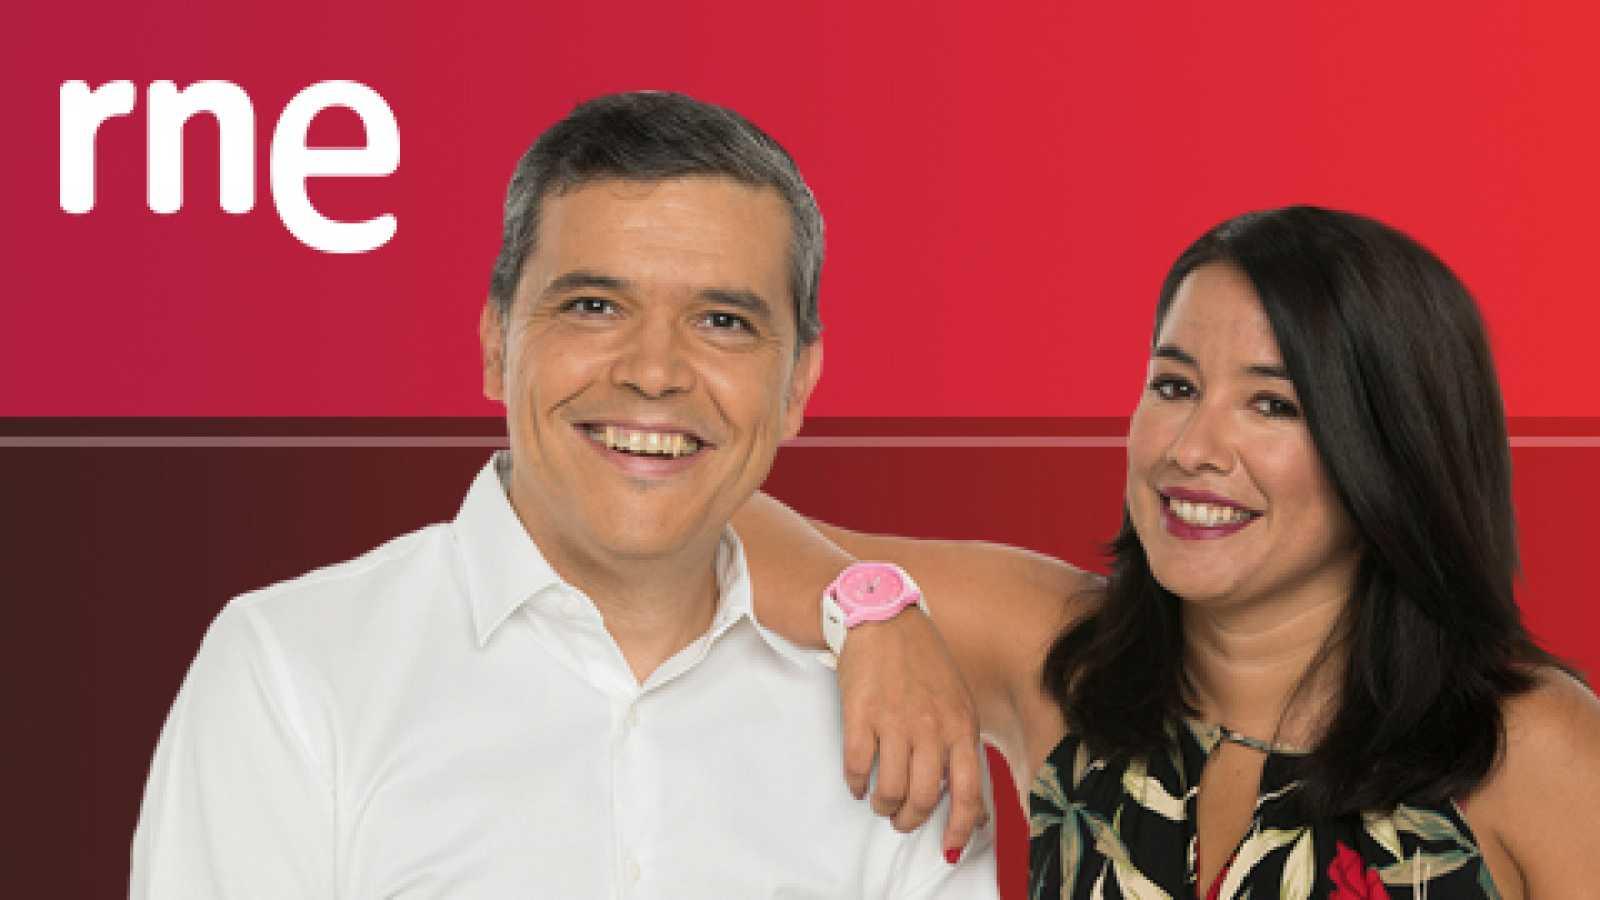 Las mañanas de RNE - El cocinero Sergio Fernández, embajador de las aceitunas españolas - Escuchar ahora